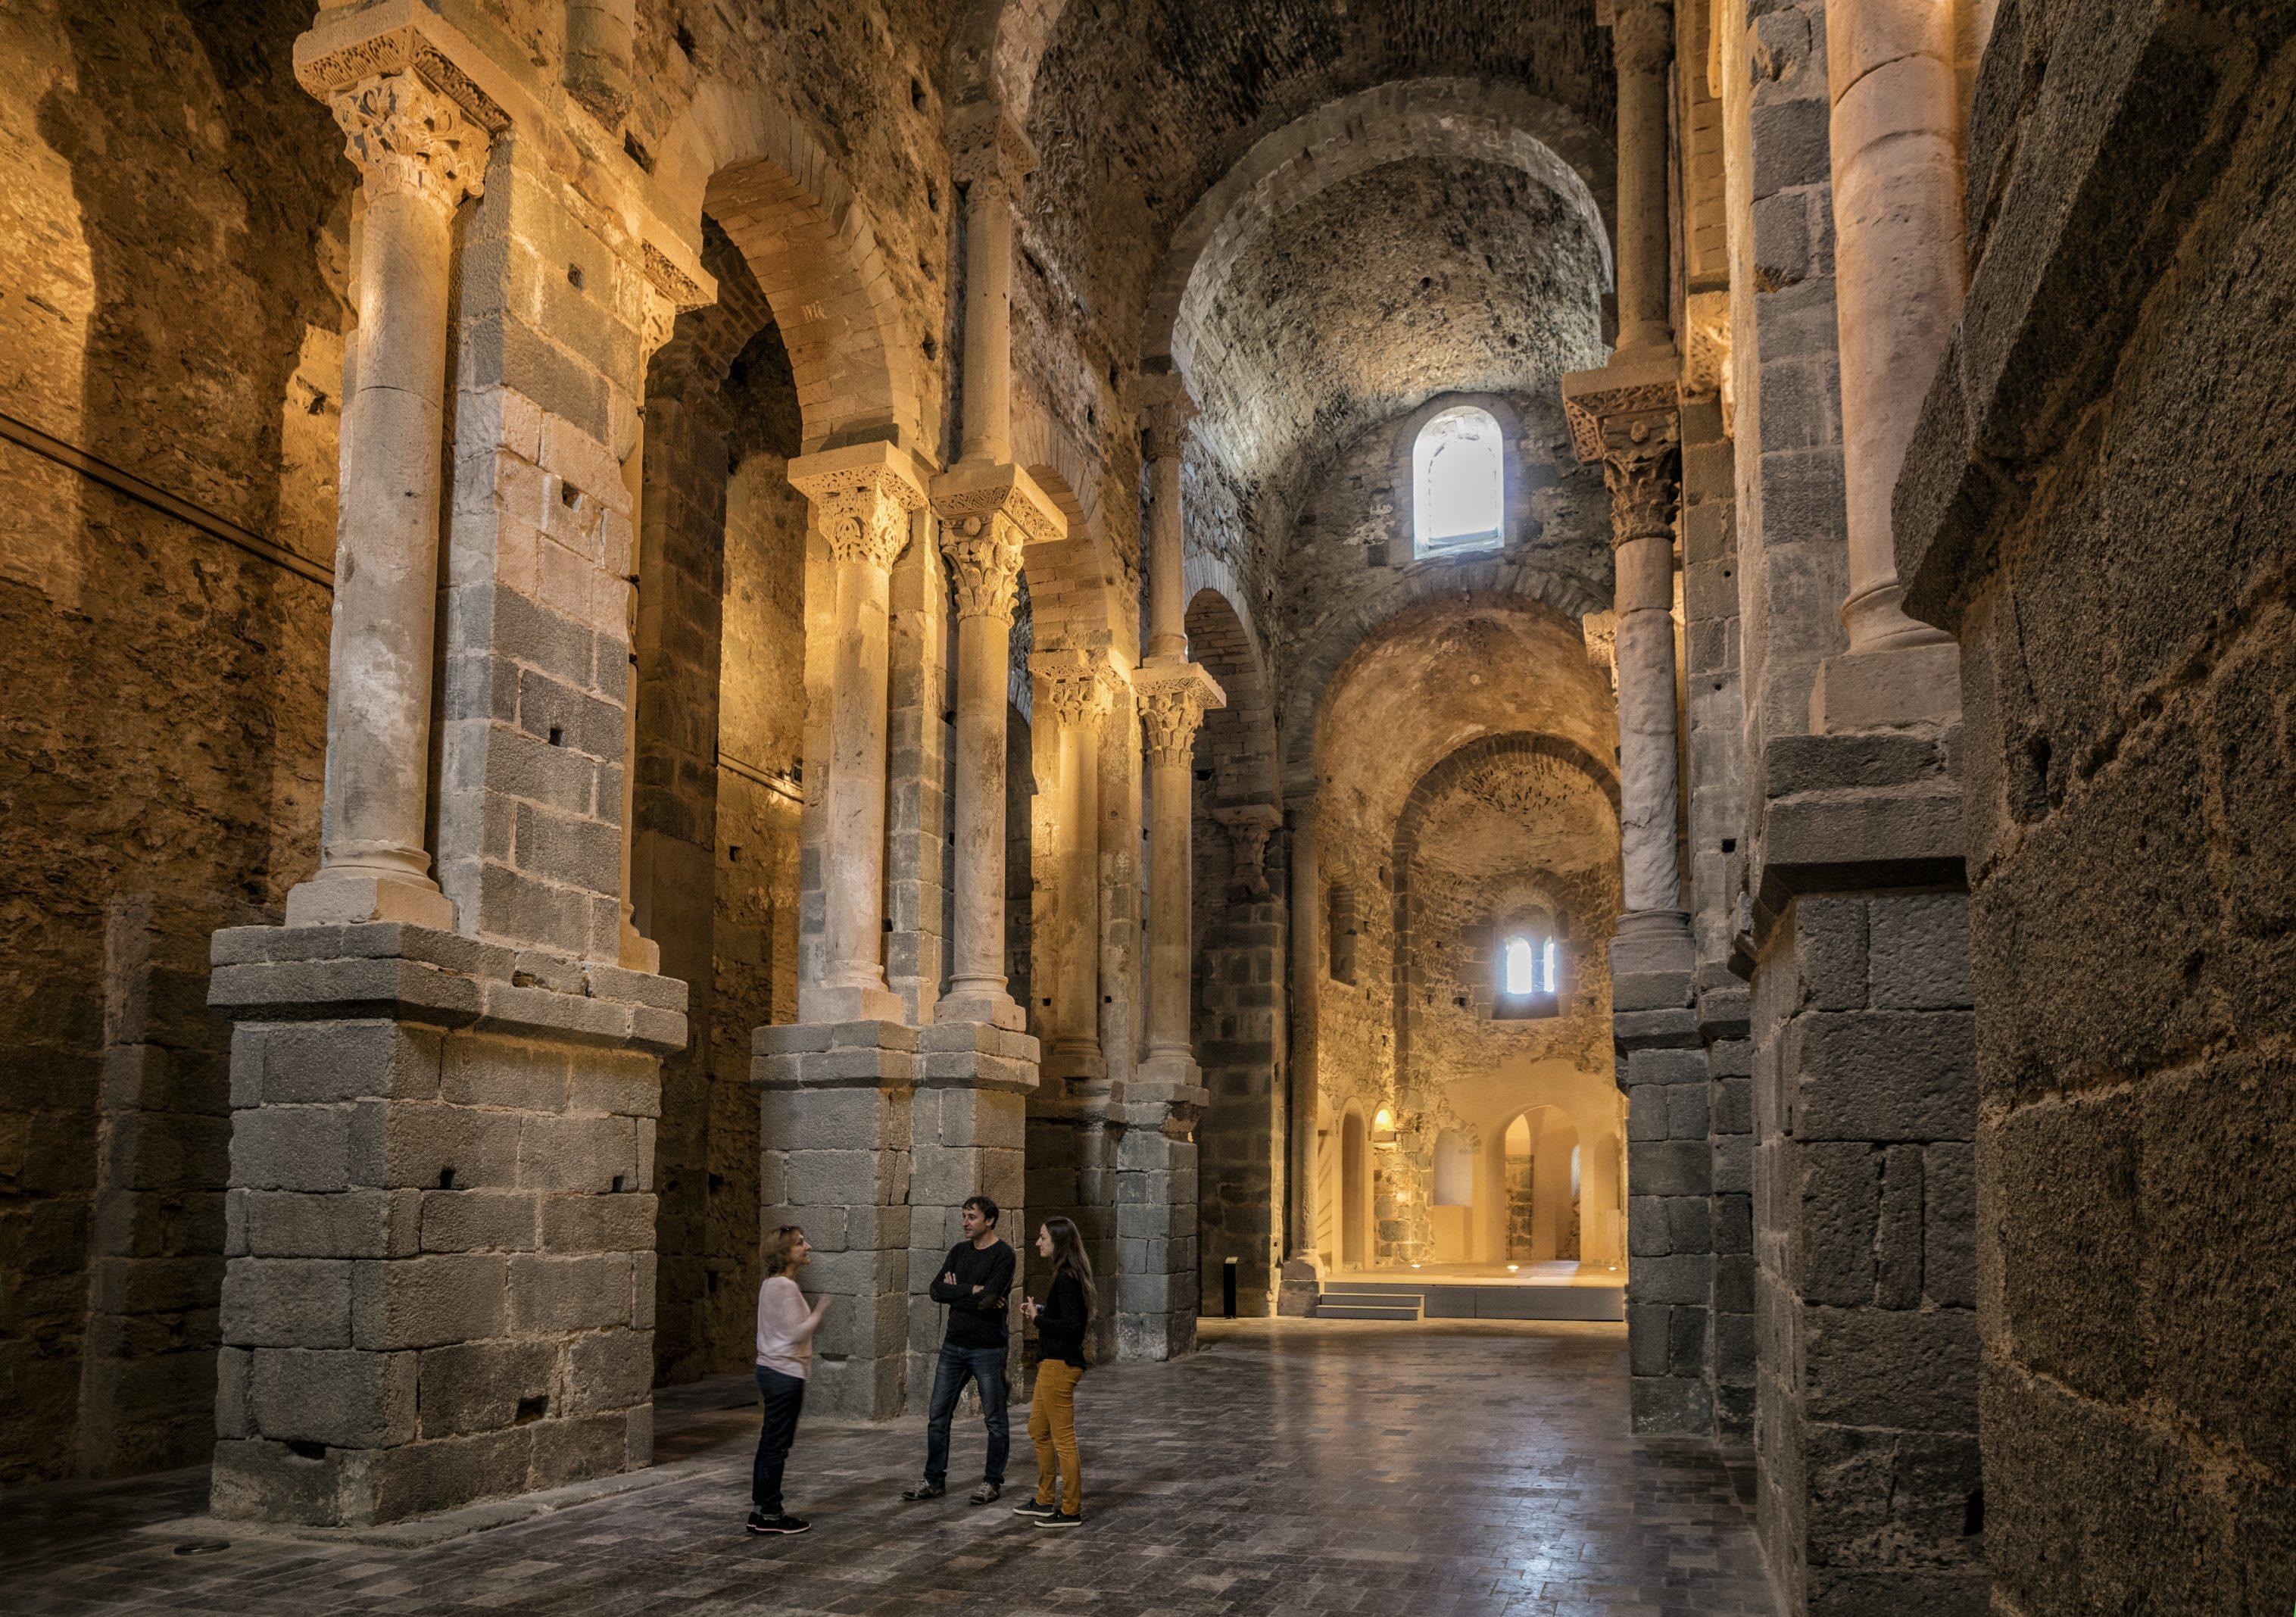 Pla de comercialització de producte turístic de les destinacions de Romànic